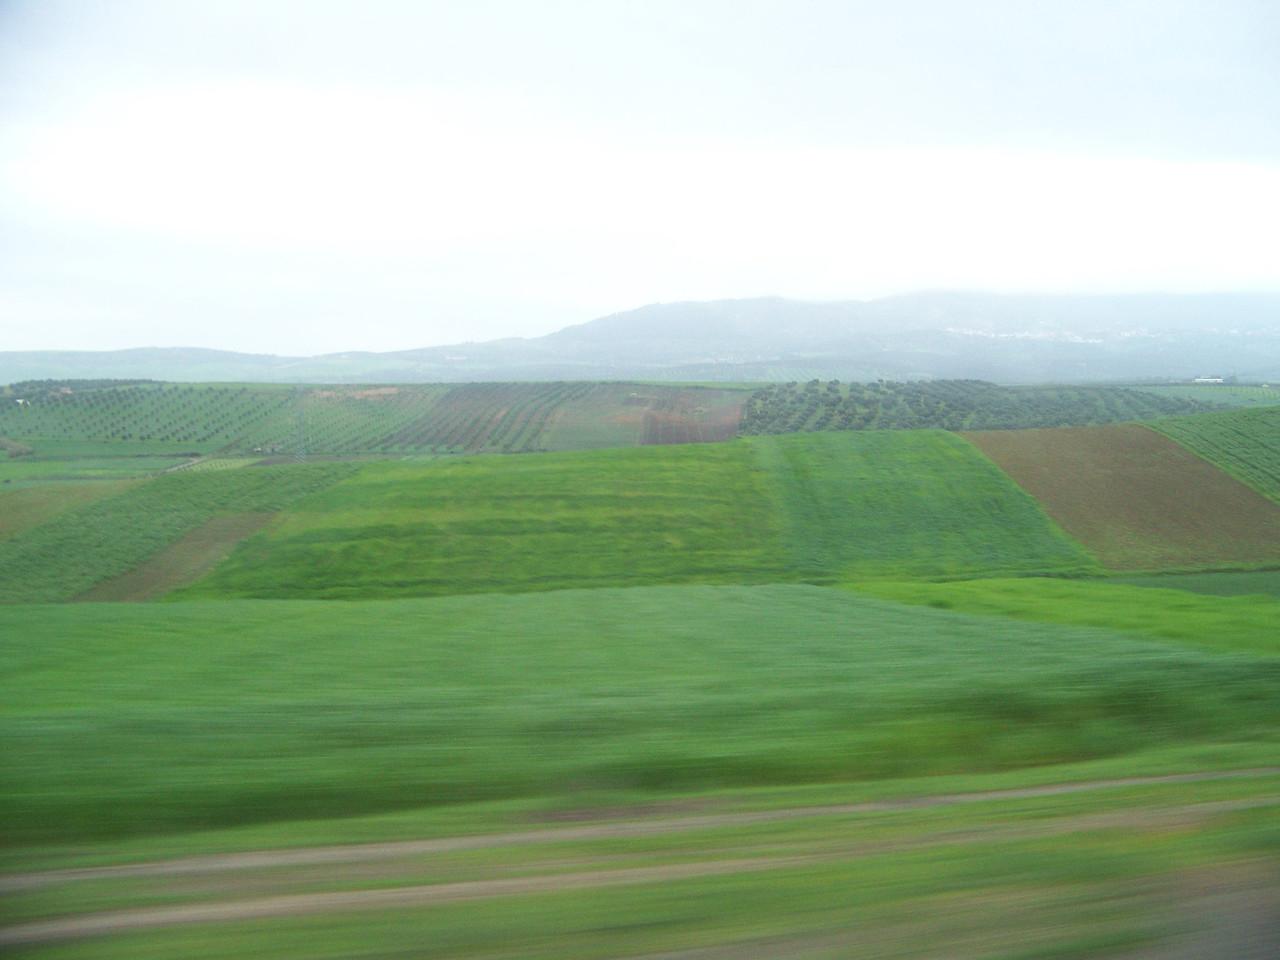 0044 - Countryside on Hwy N13 Between Meknes and Volubilis - Morocco.JPG